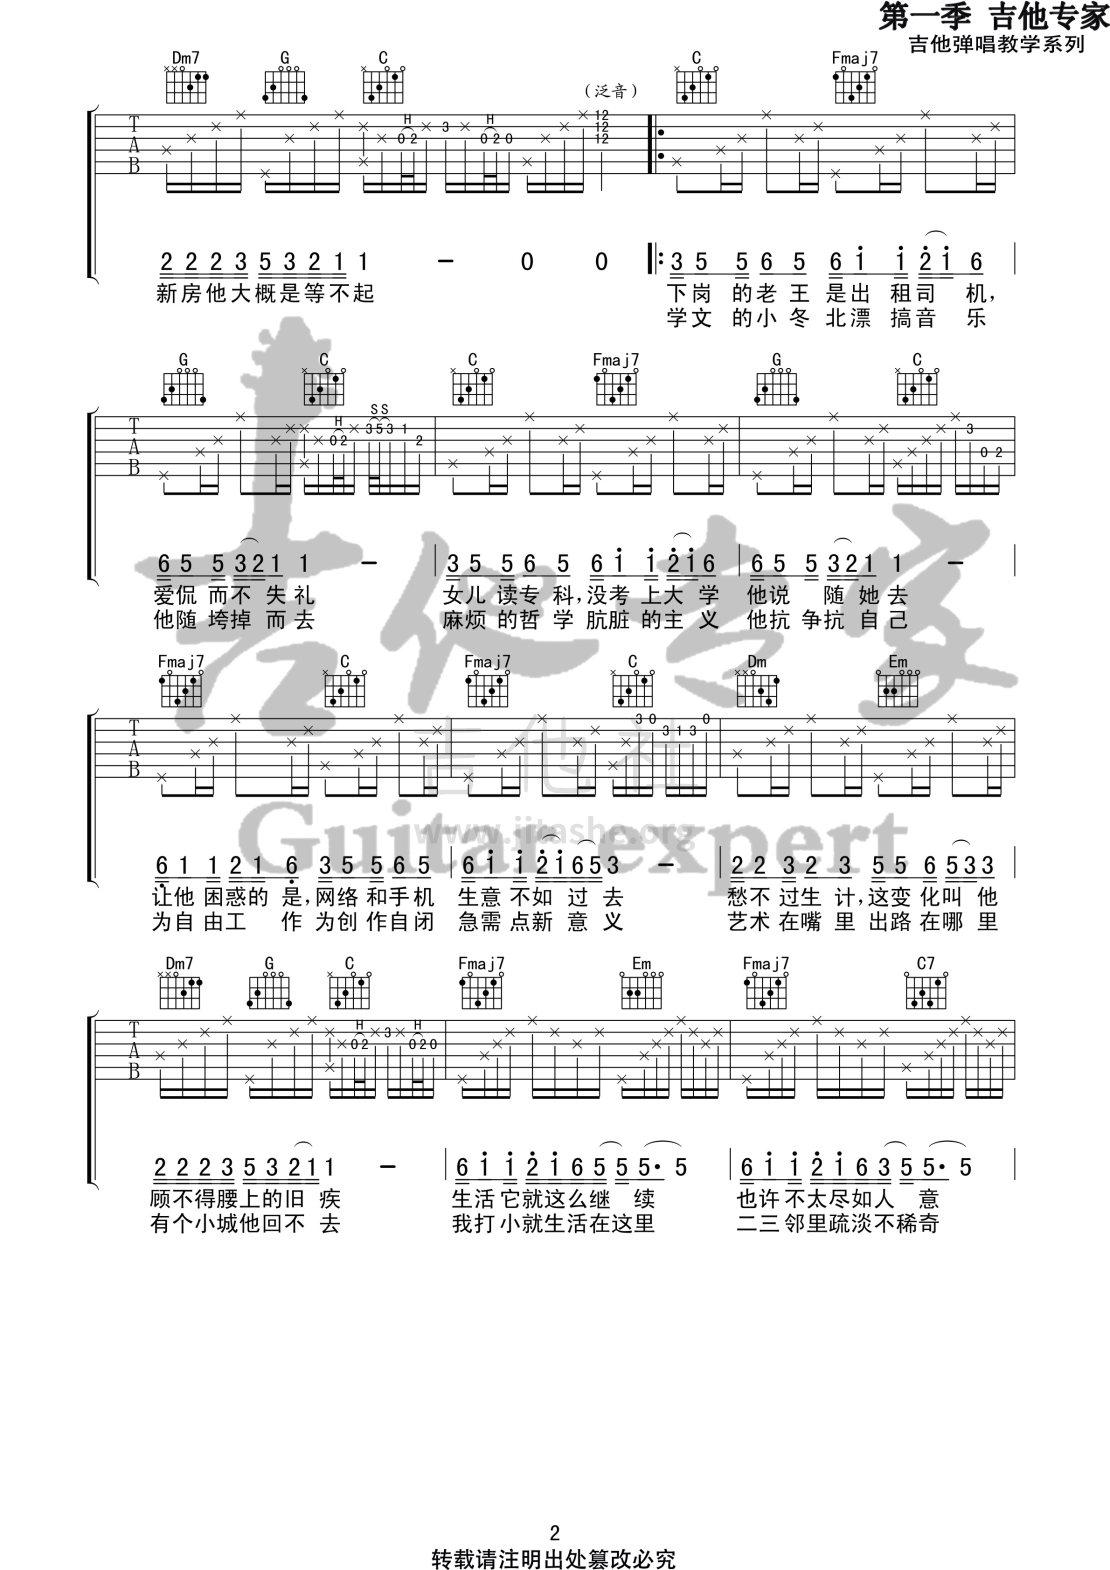 北区楼四(音艺吉他专家弹唱教学:第一季第58集)吉他谱(图片谱,弹唱,伴奏,教程)_刘昊霖_北区楼四2 第一季第五十八集.jpg